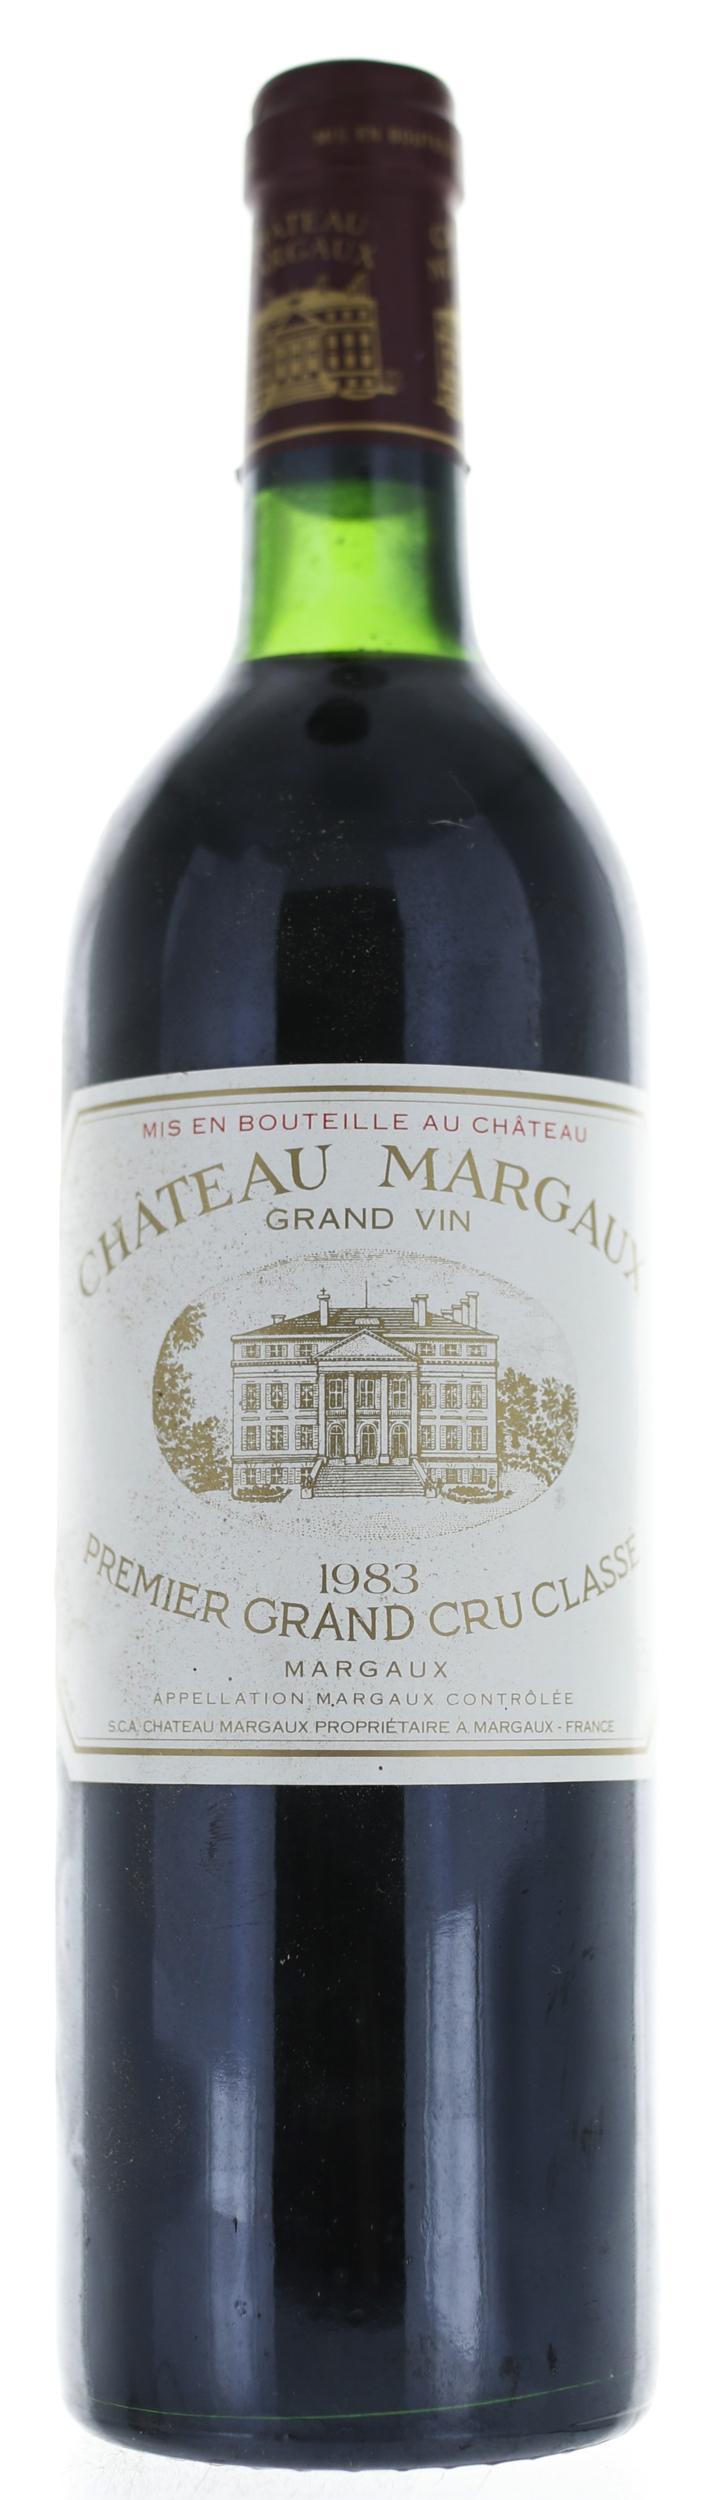 Margaux - Château Margaux - 1983